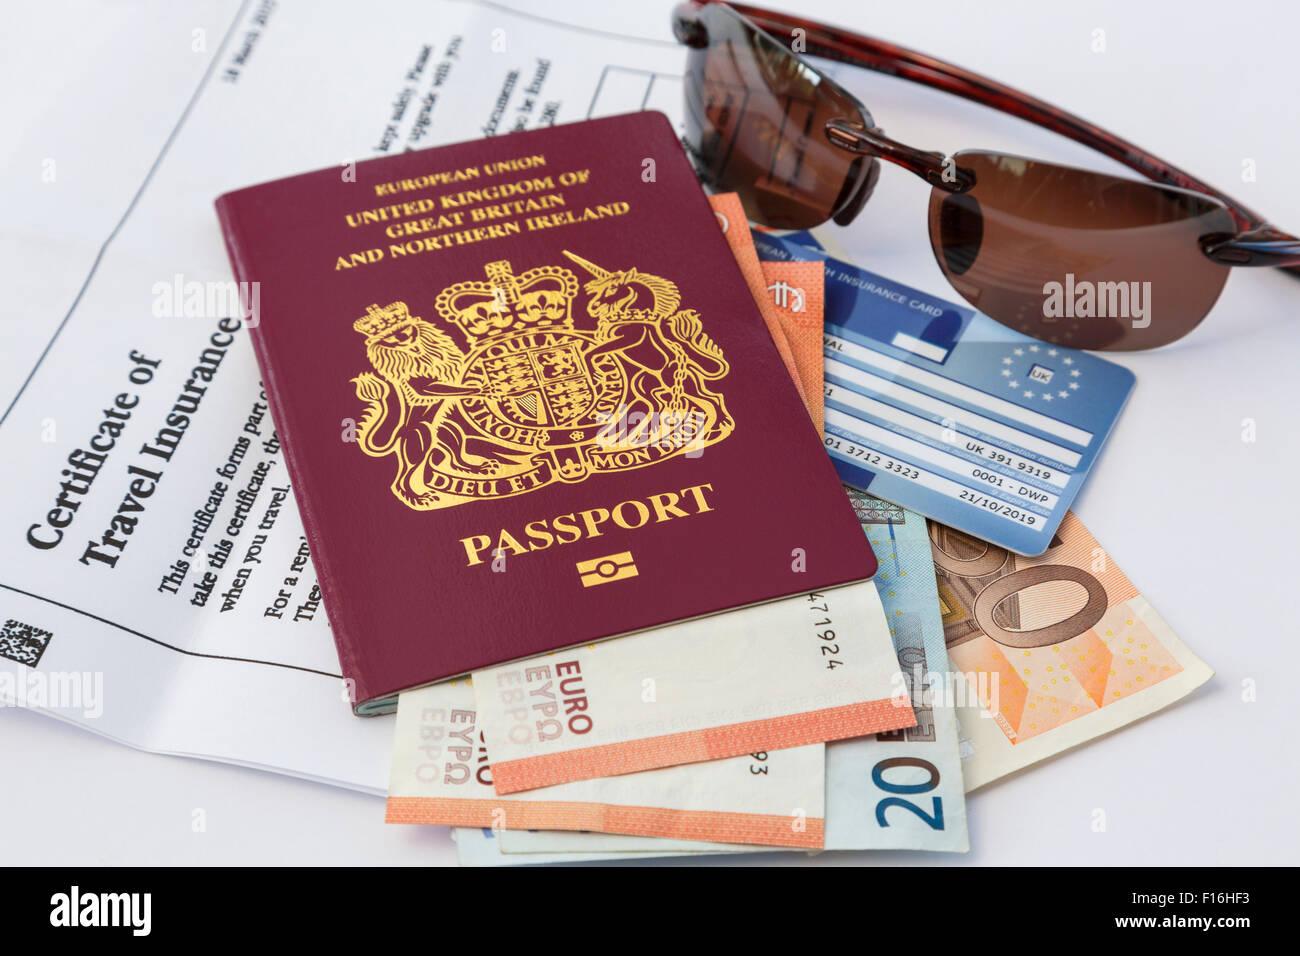 Reisen Sie Dinge Pass Versicherungsunterlagen und Währung Geld EHIC-Karte und eine Sonnenbrille für Reisen Stockbild